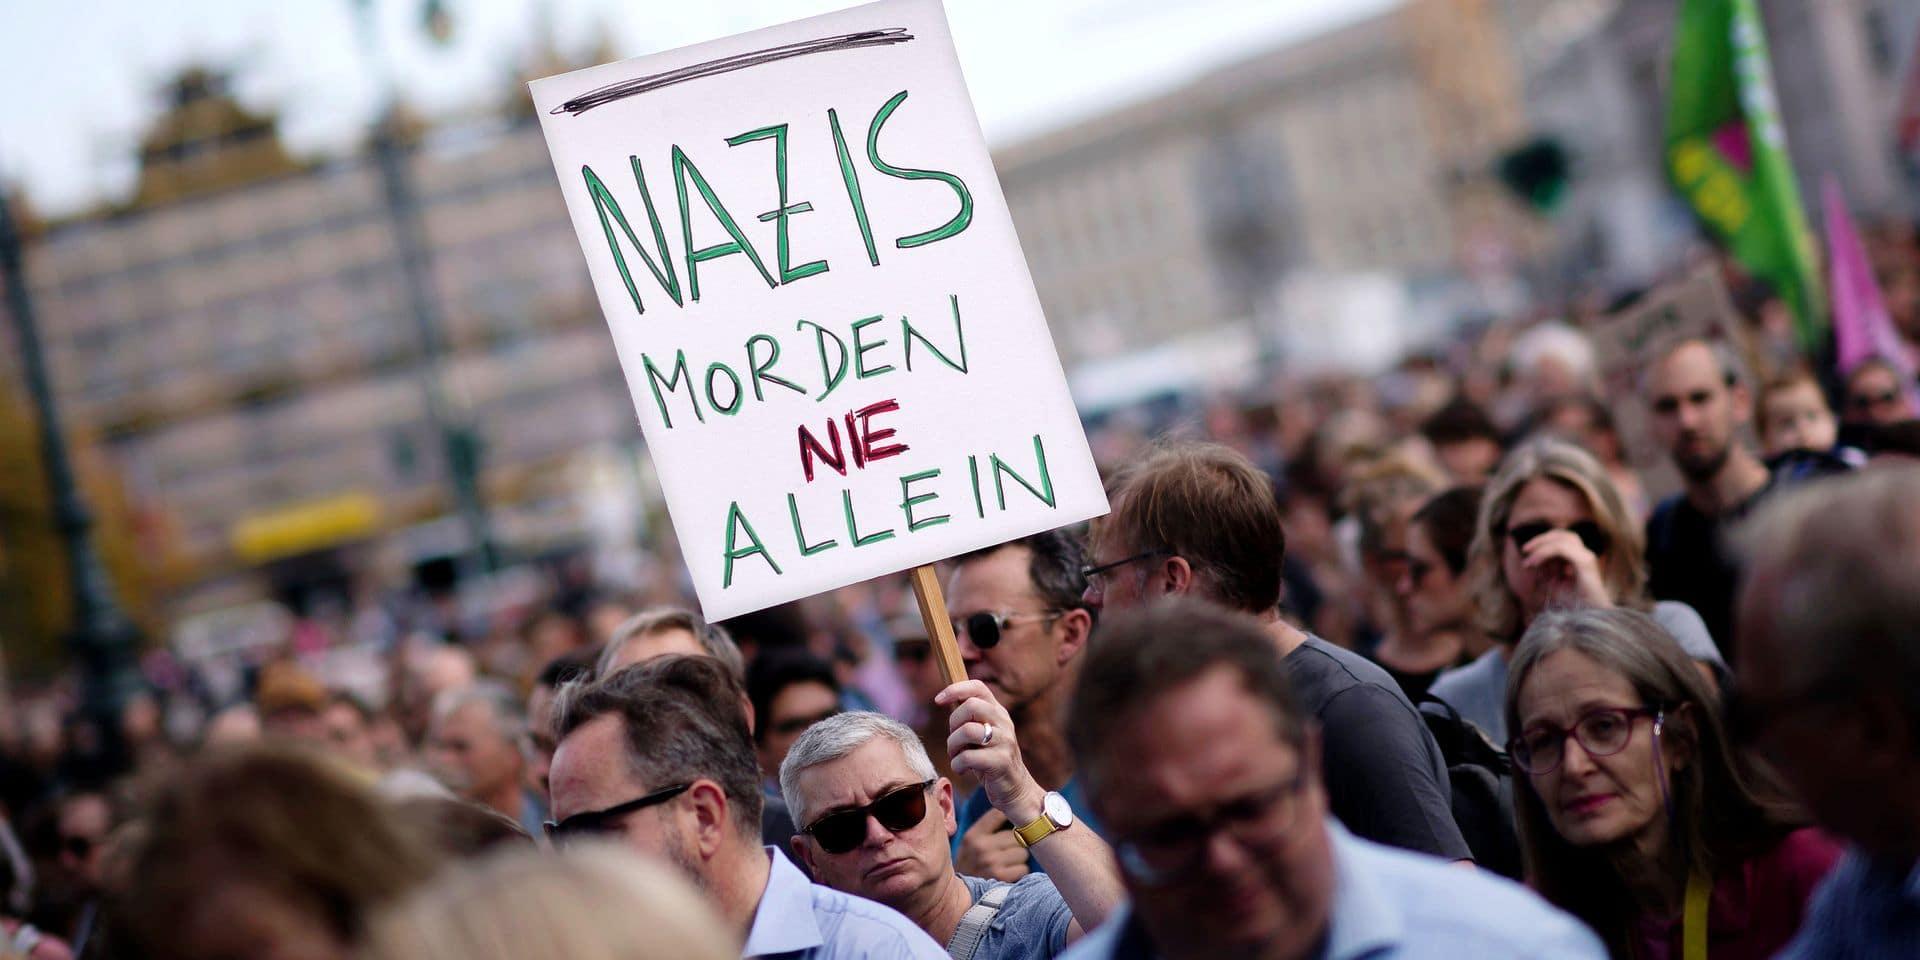 unteilbar Demo against anti-Semitism DEU, Deutschland, Germany, Berlin, 13.10.2019 Demonstrant mit Schild Nazis Morden